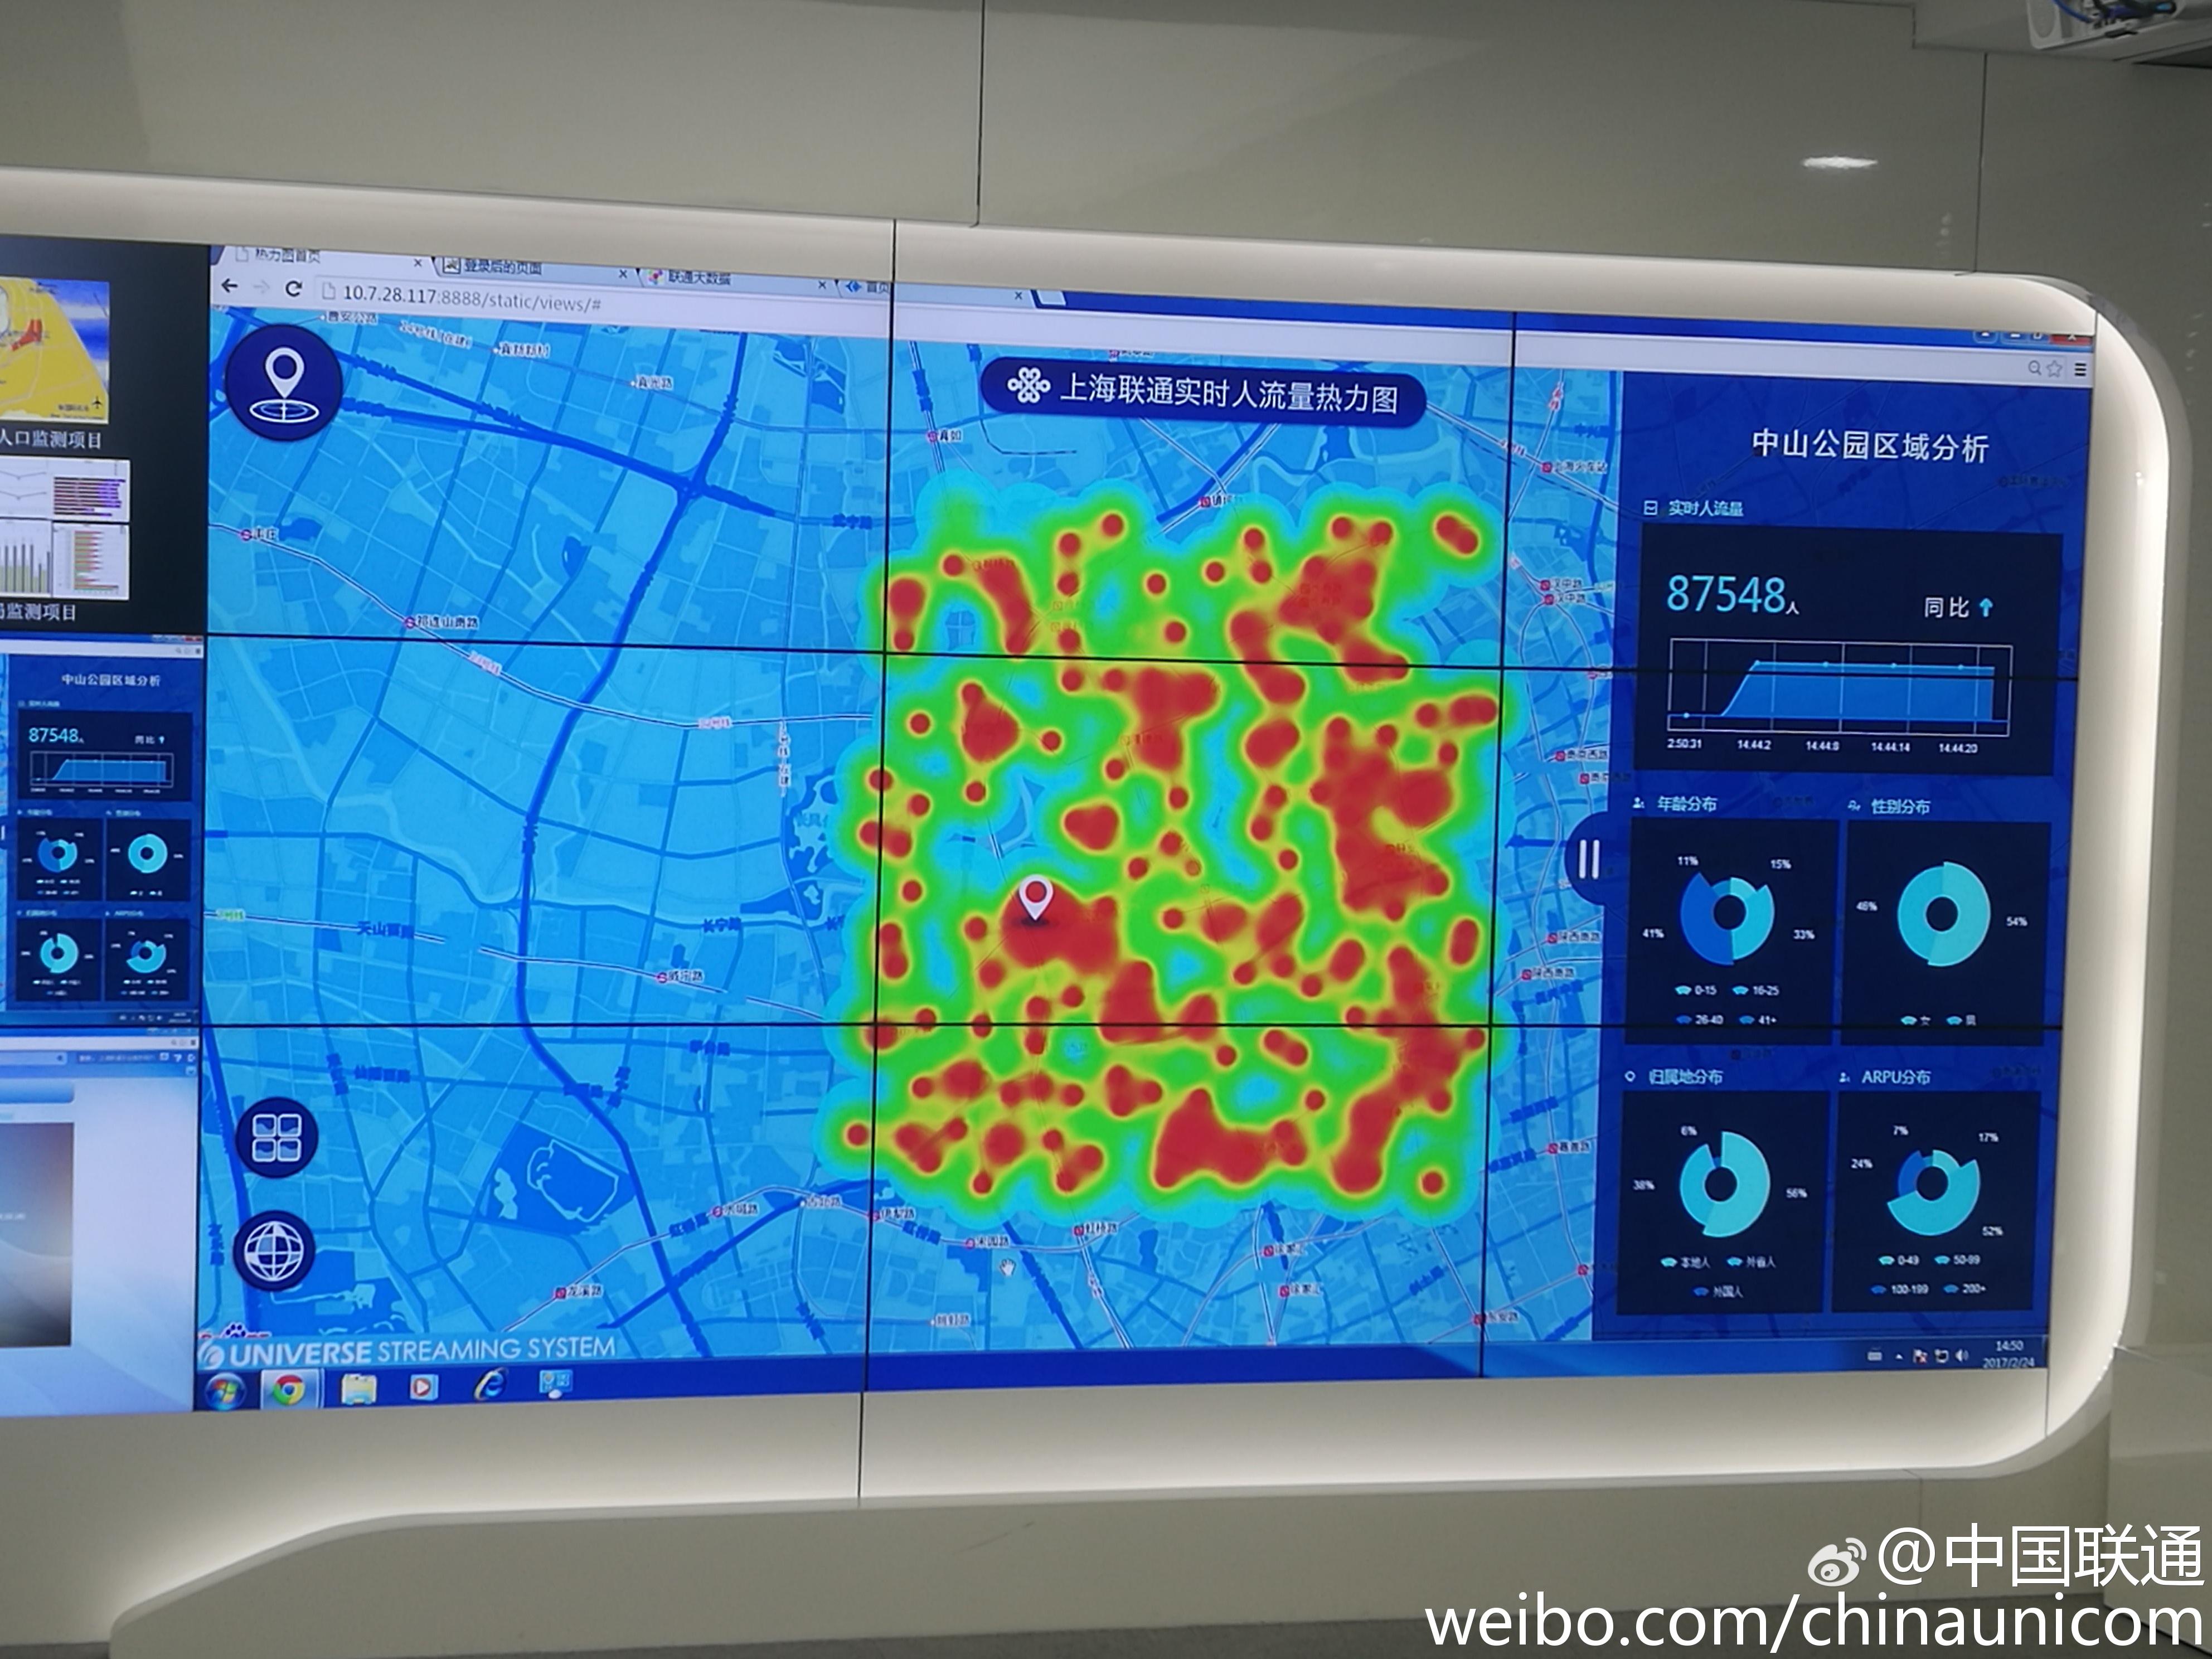 上海联通构建领先的大数据应用能力